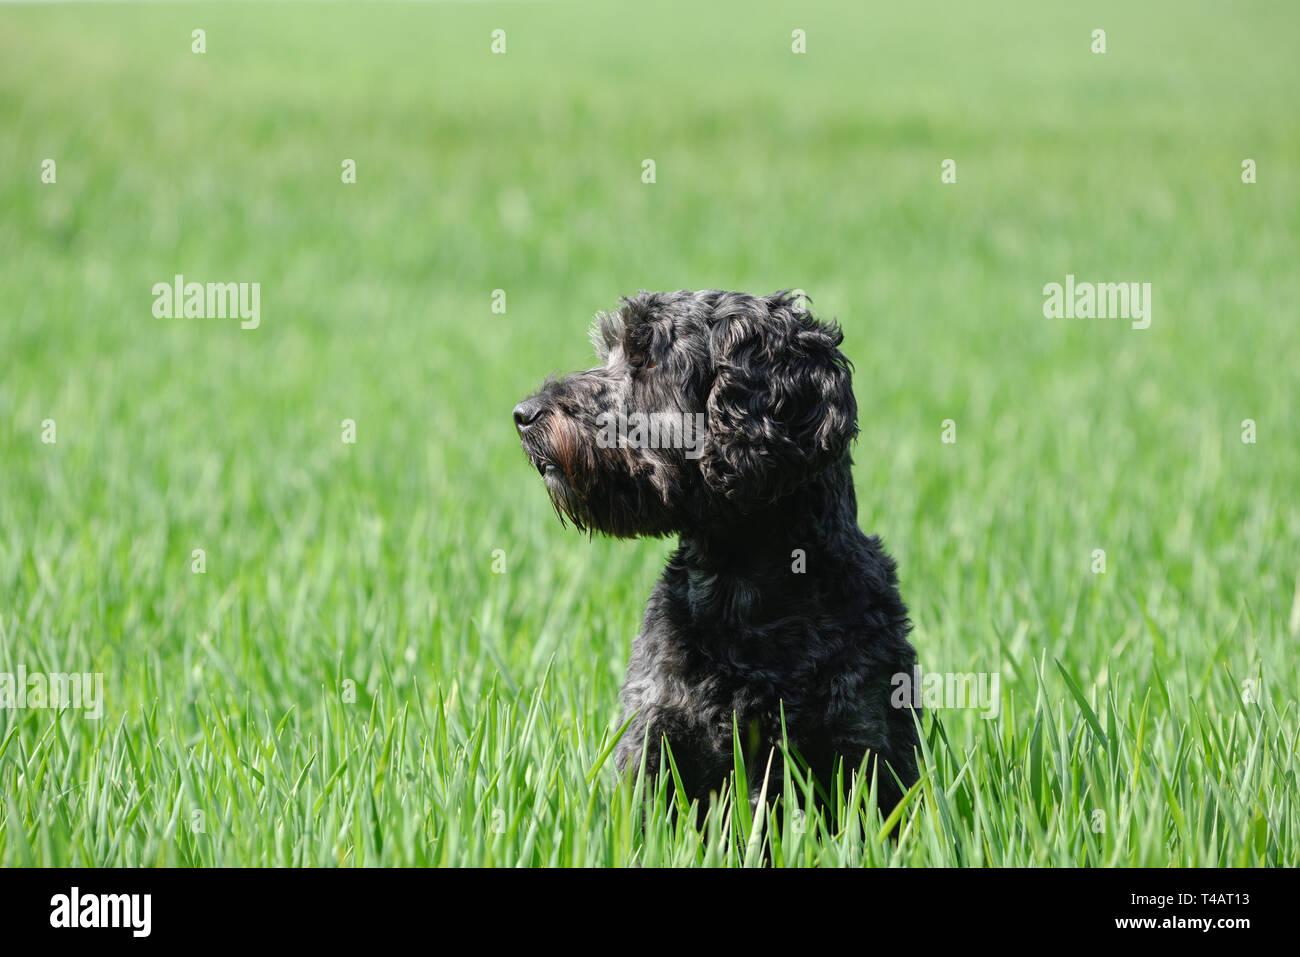 Schwarze männliche Cockapoo Hund in ein grünes Feld. Stockfoto